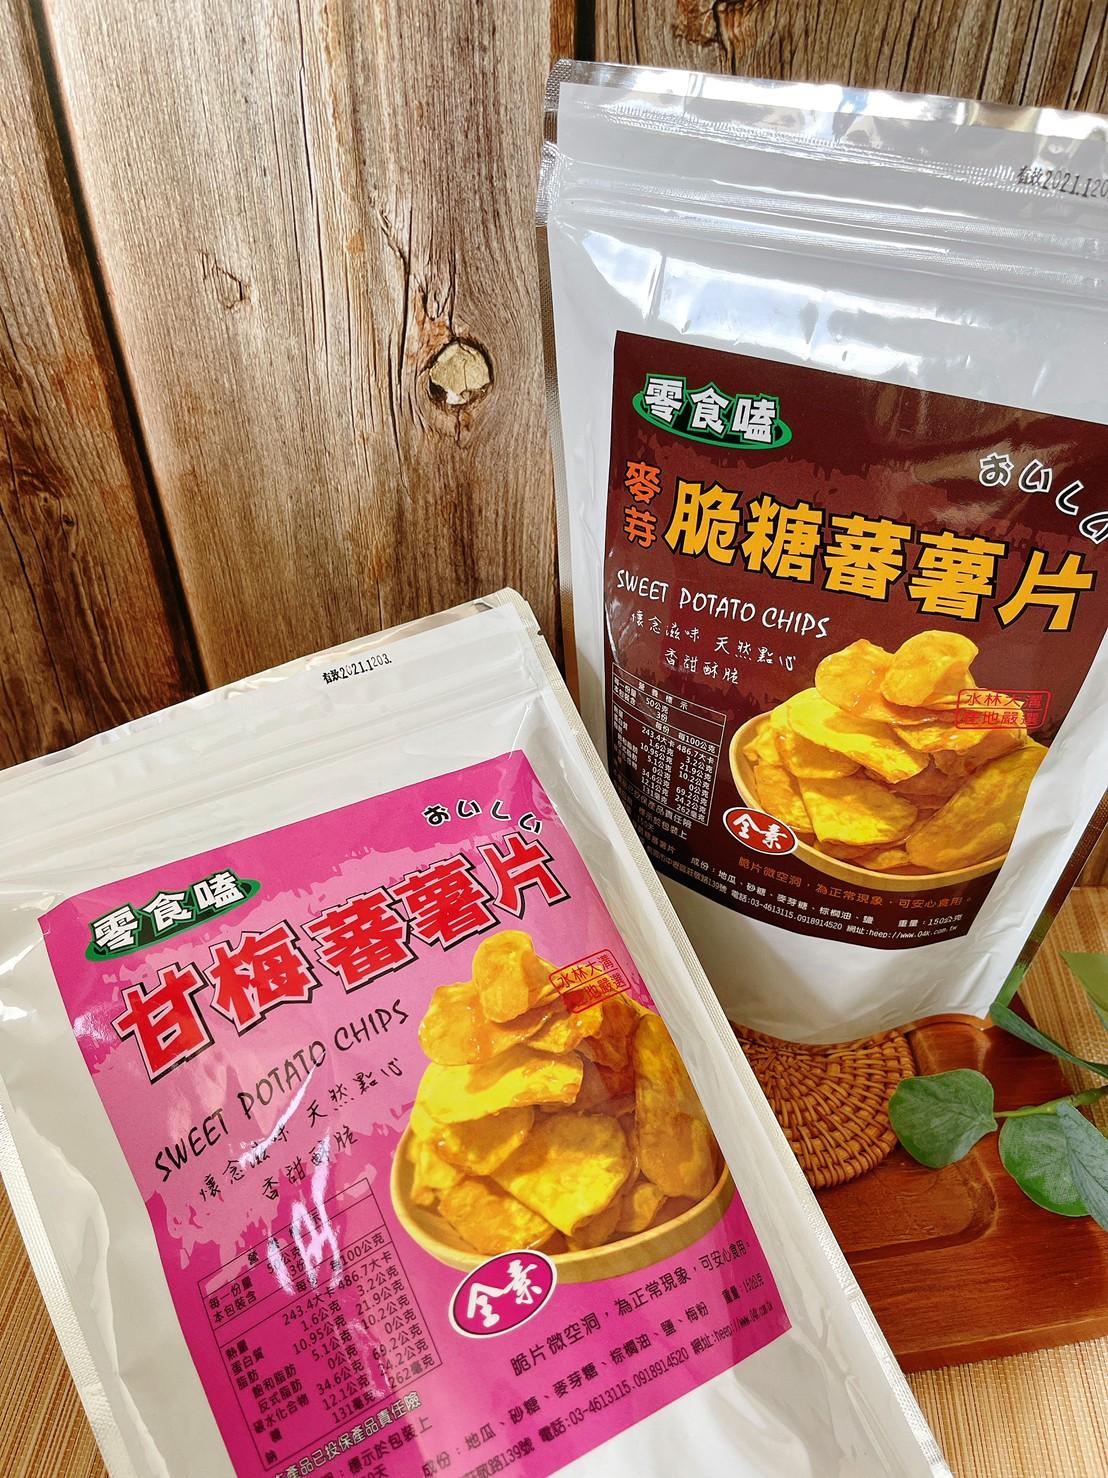 人氣產品地瓜片...零食嗑【麥芽脆糖蕃薯片】..【甘梅蕃薯片】